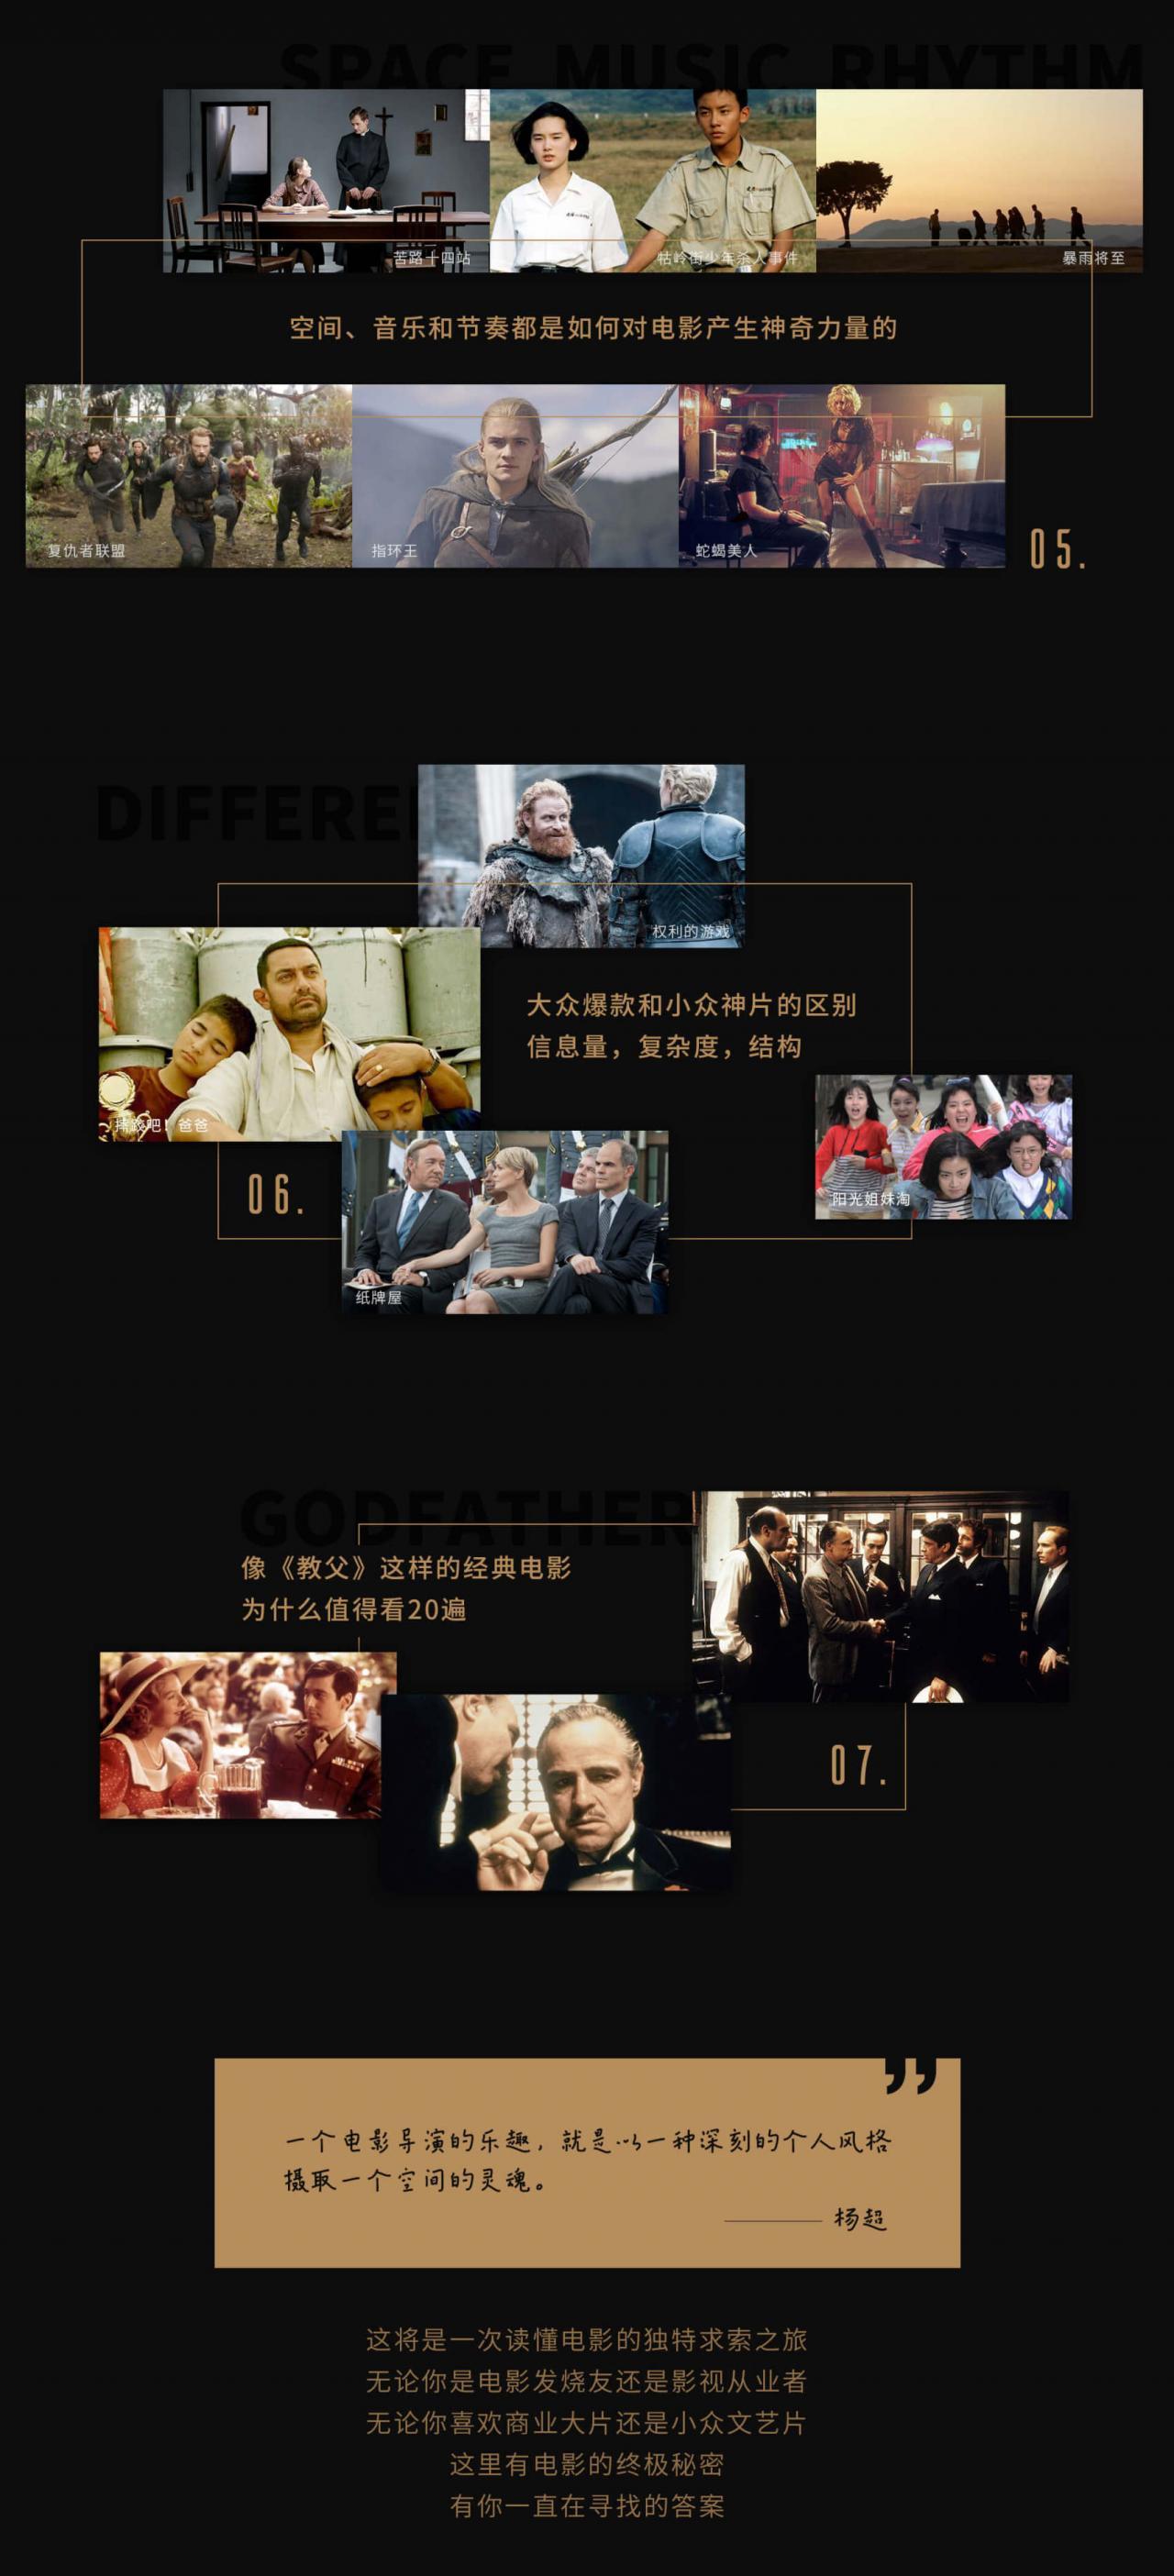 【赠】杨超教你用导演思维看电影